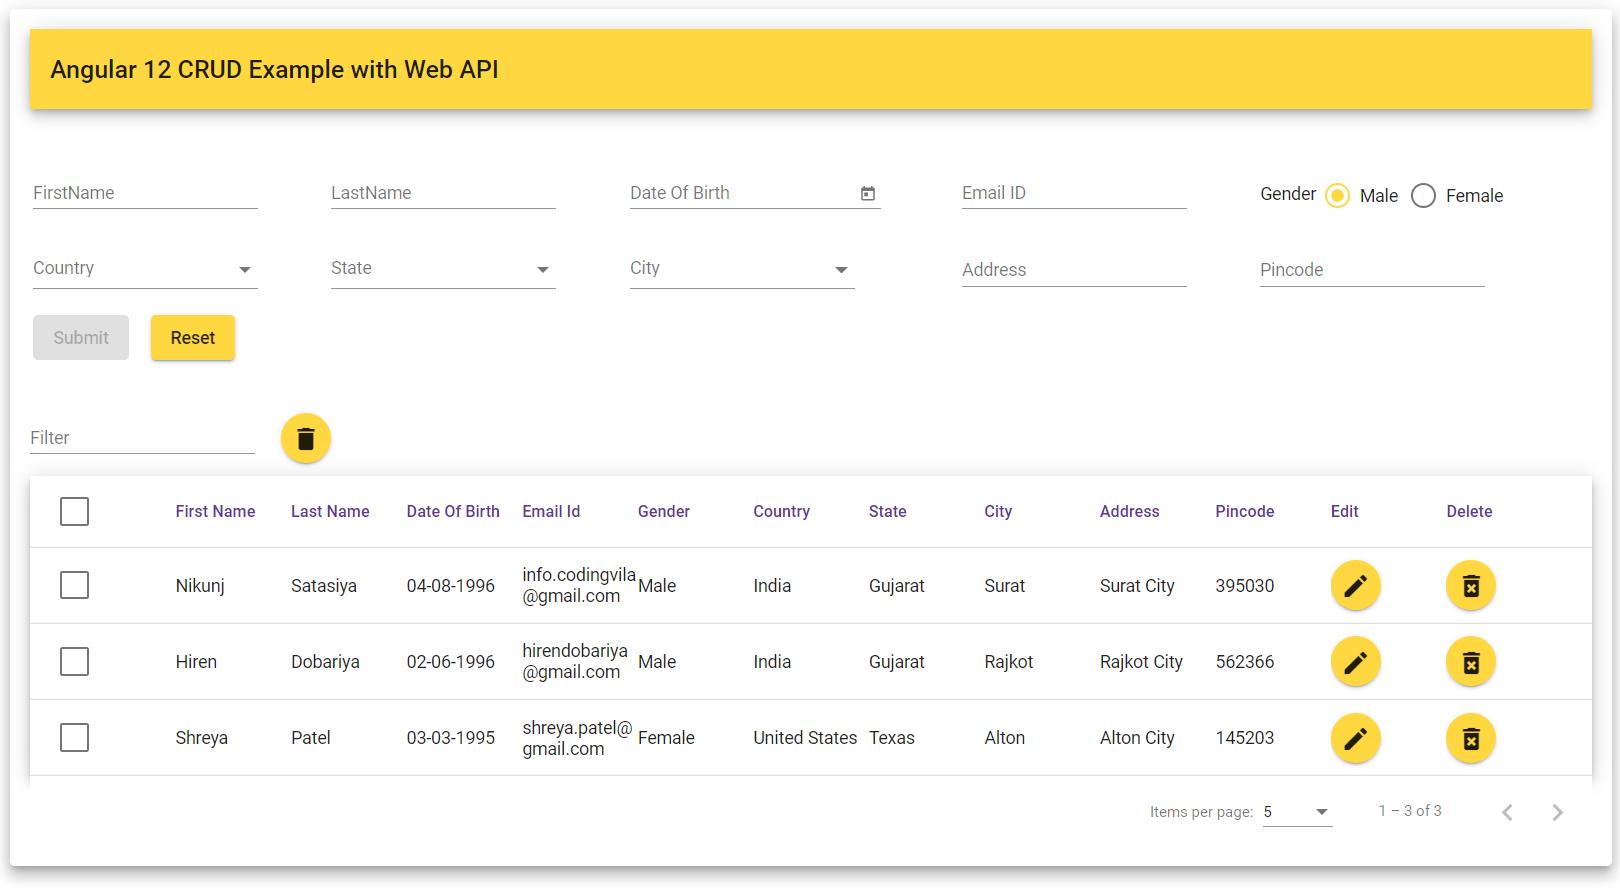 Angular 12 CRUD Example with Web API